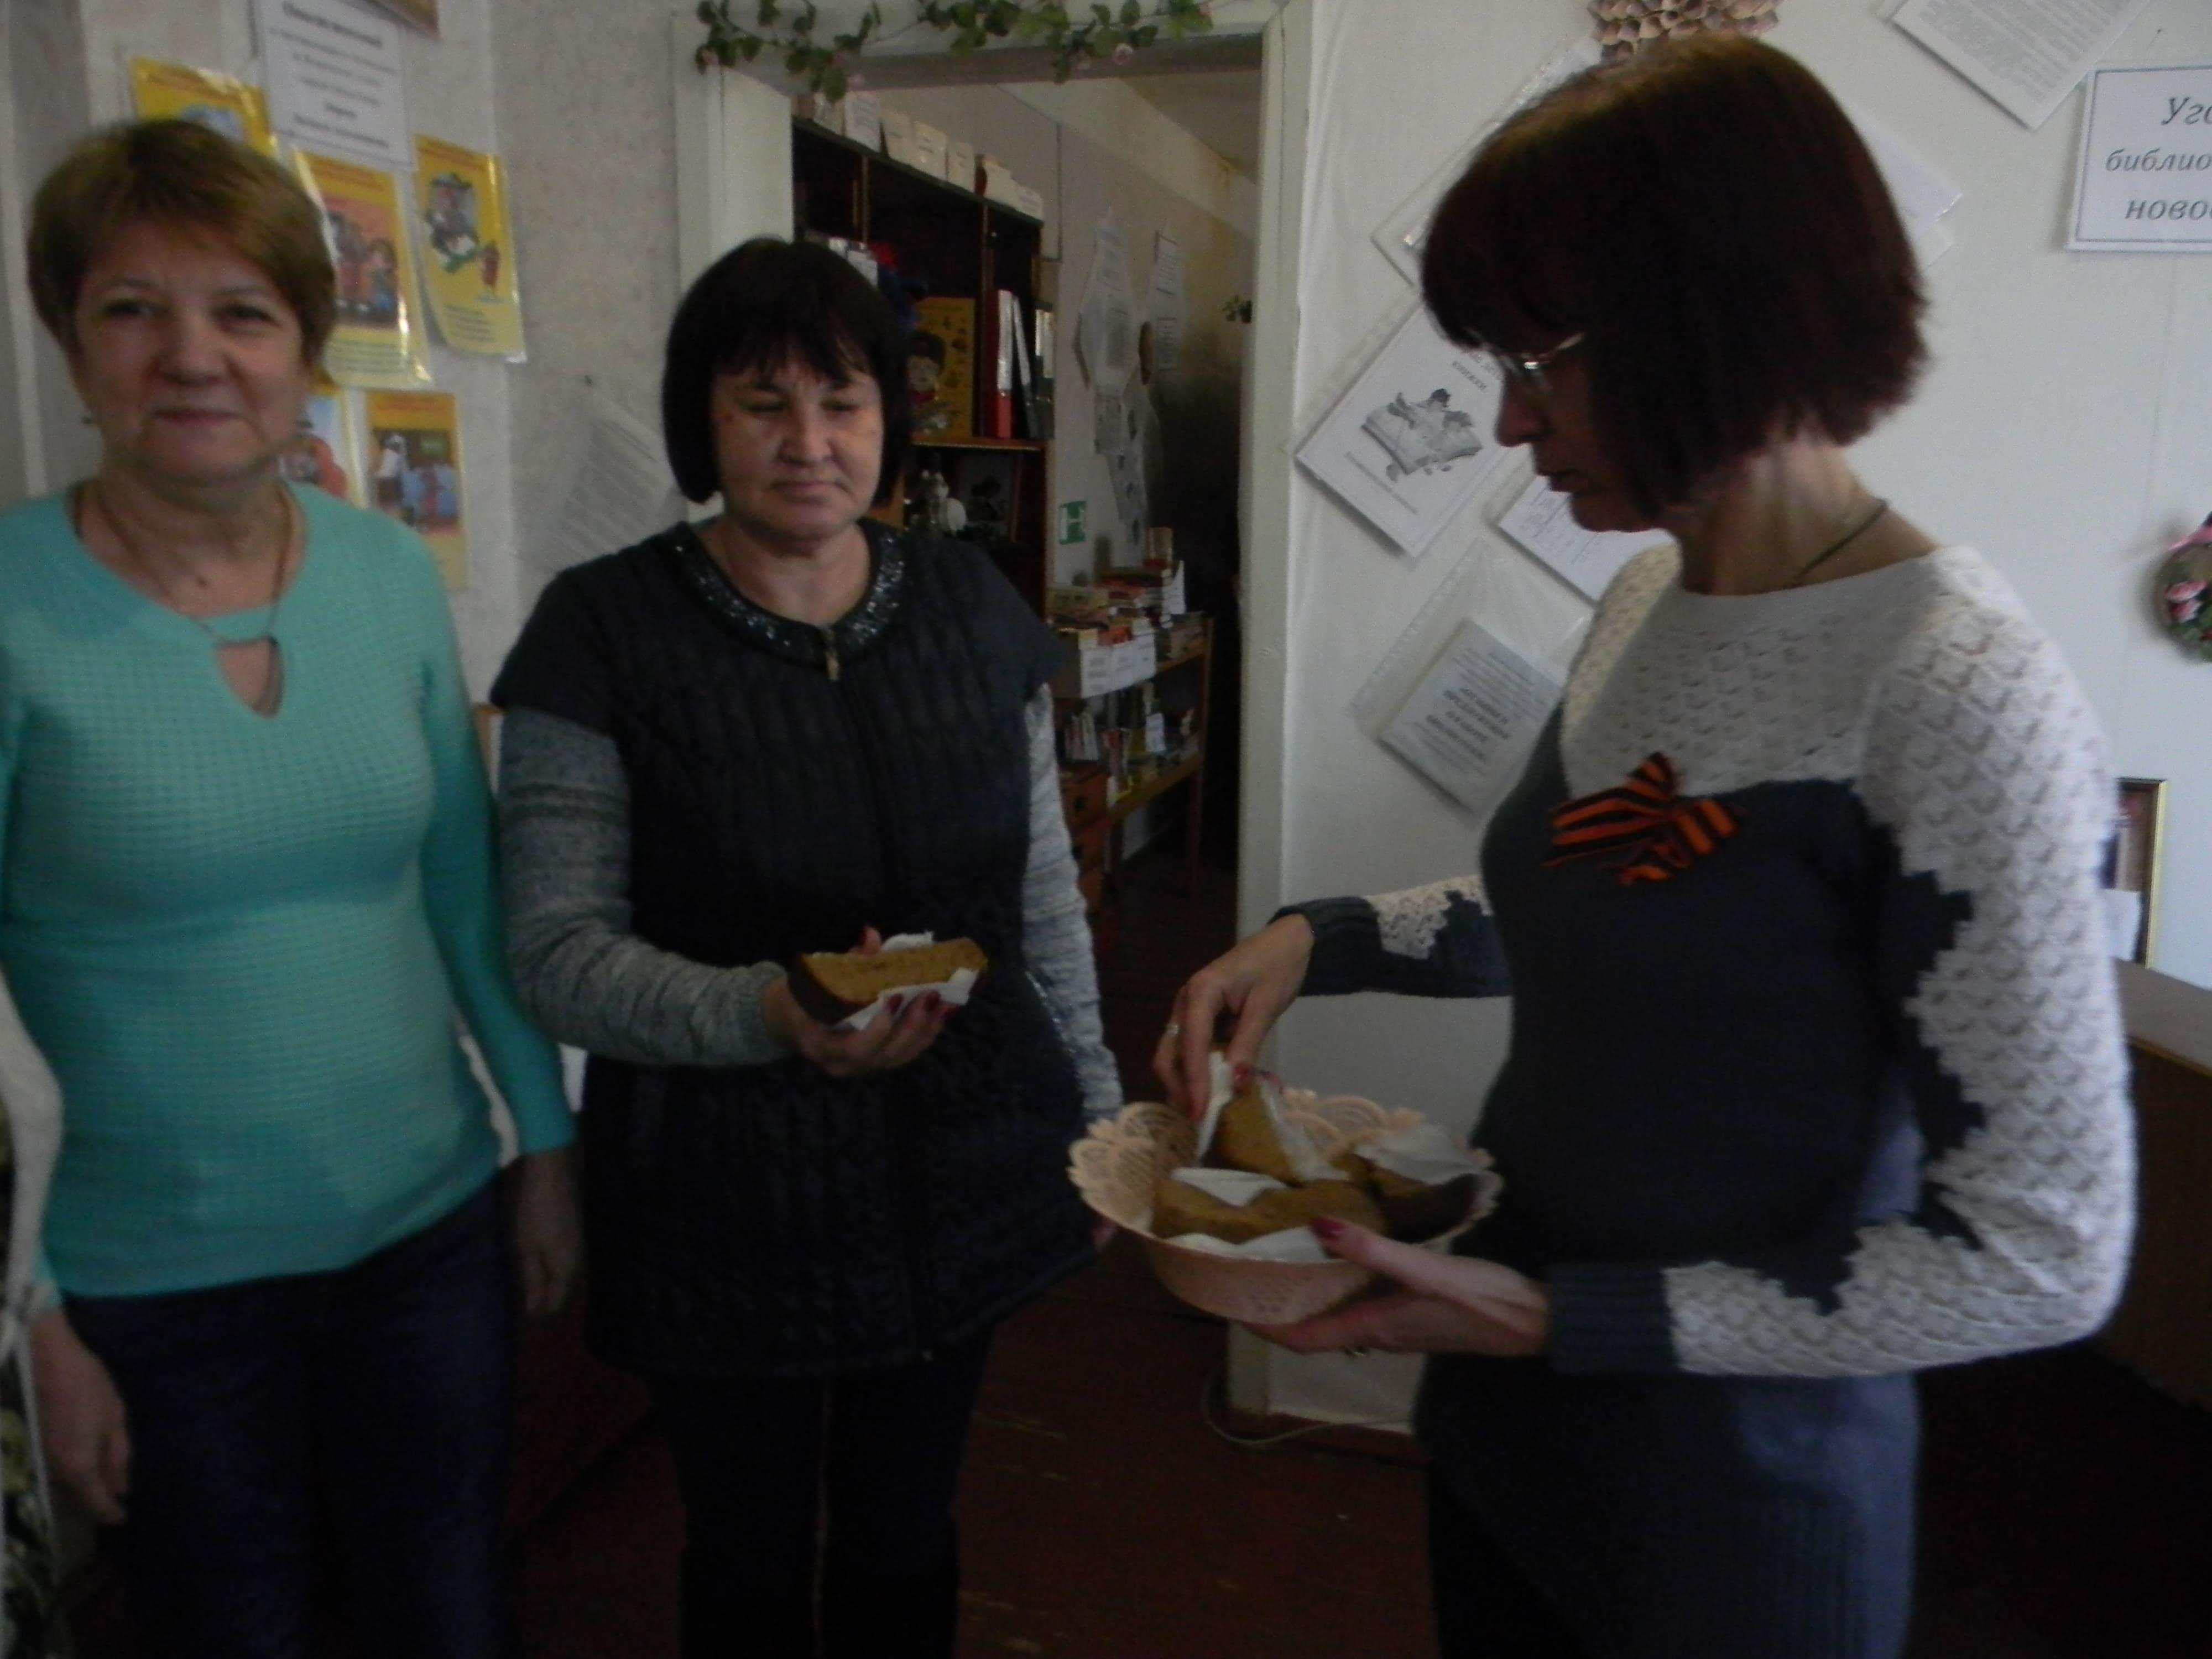 Сотрудники Ясыревского отдела ЦБ им. М. В. Наумова присоединились к Акции памяти «Блокадный хлеб»